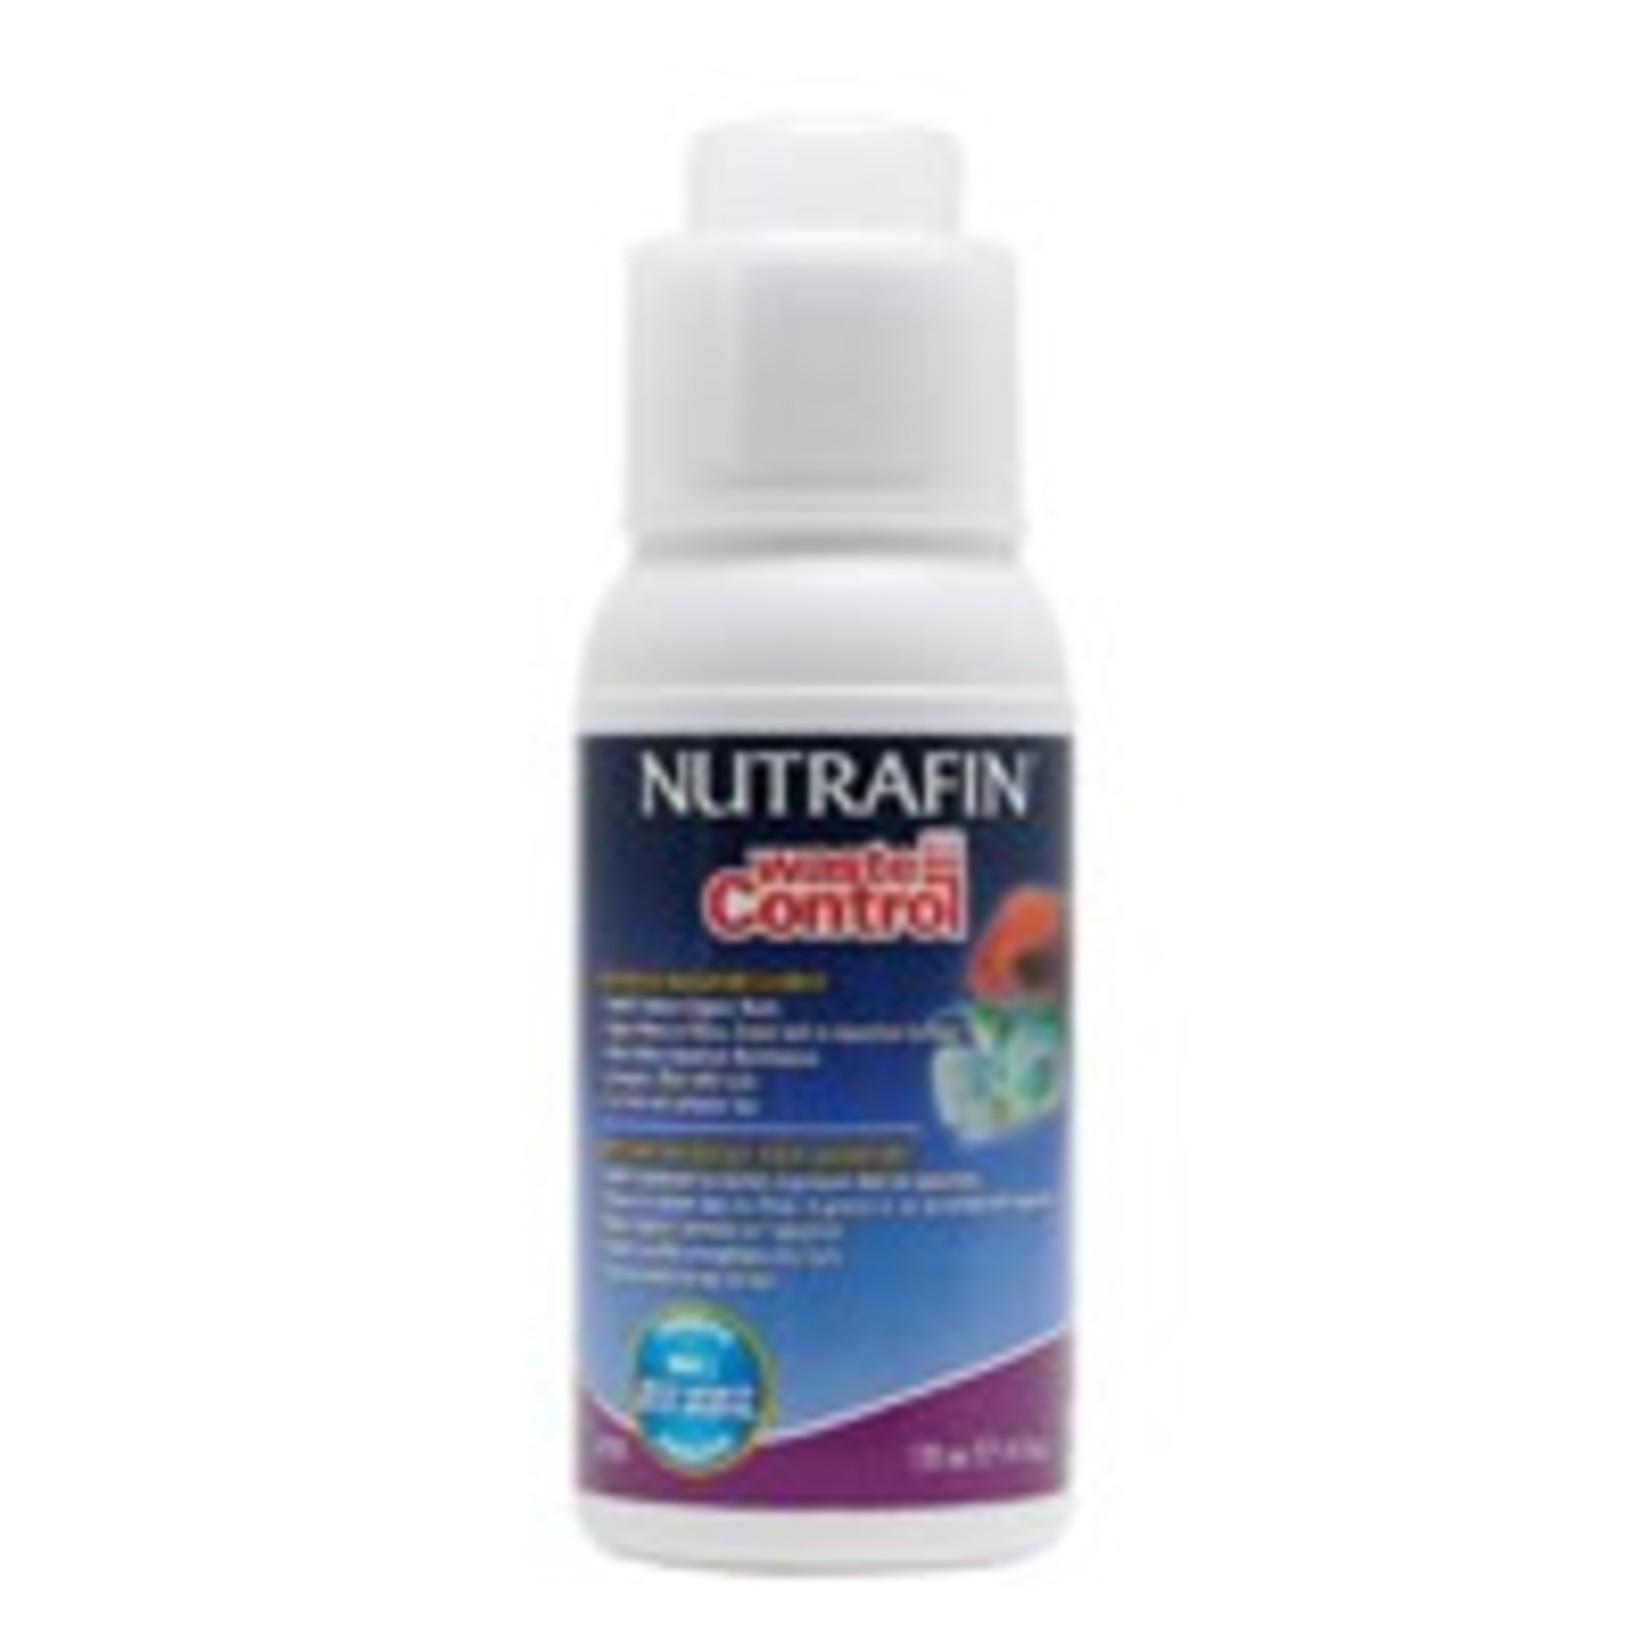 Nutrafin Nutrafin Waste Control, Biological Aquarium Cleaner, 120 mL (4 fl oz)